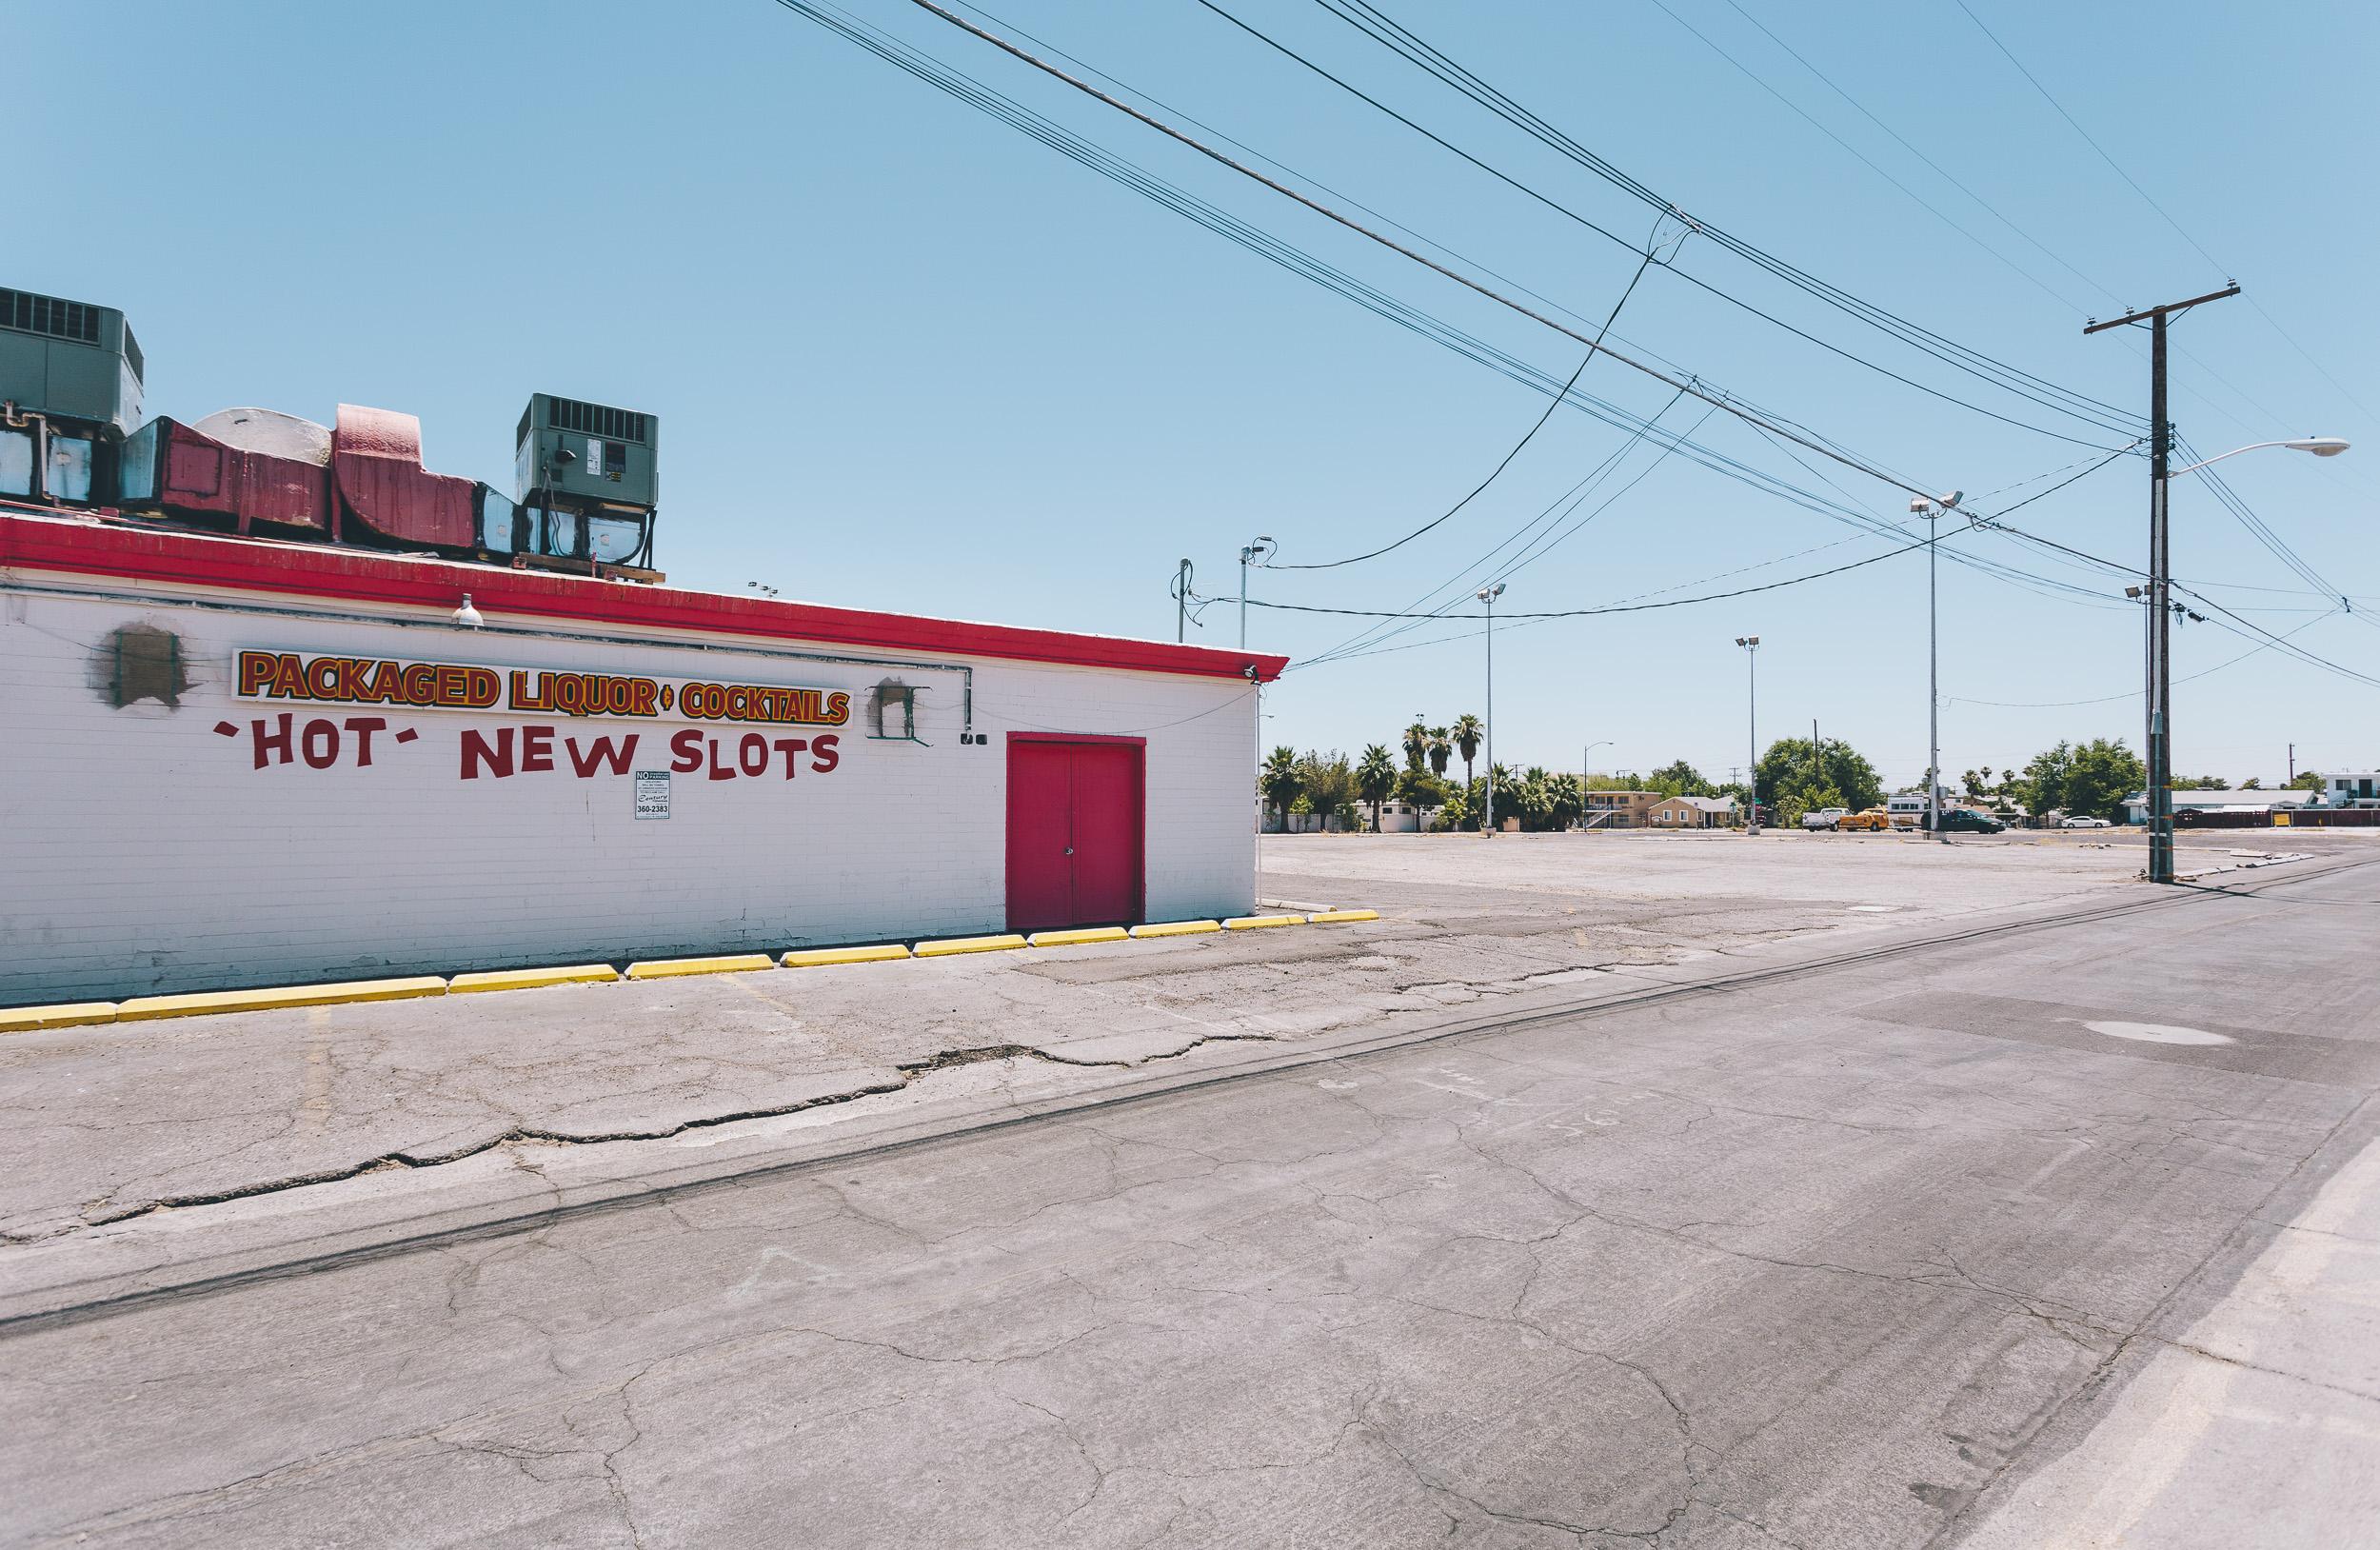 Vegas_mg_9519.jpg